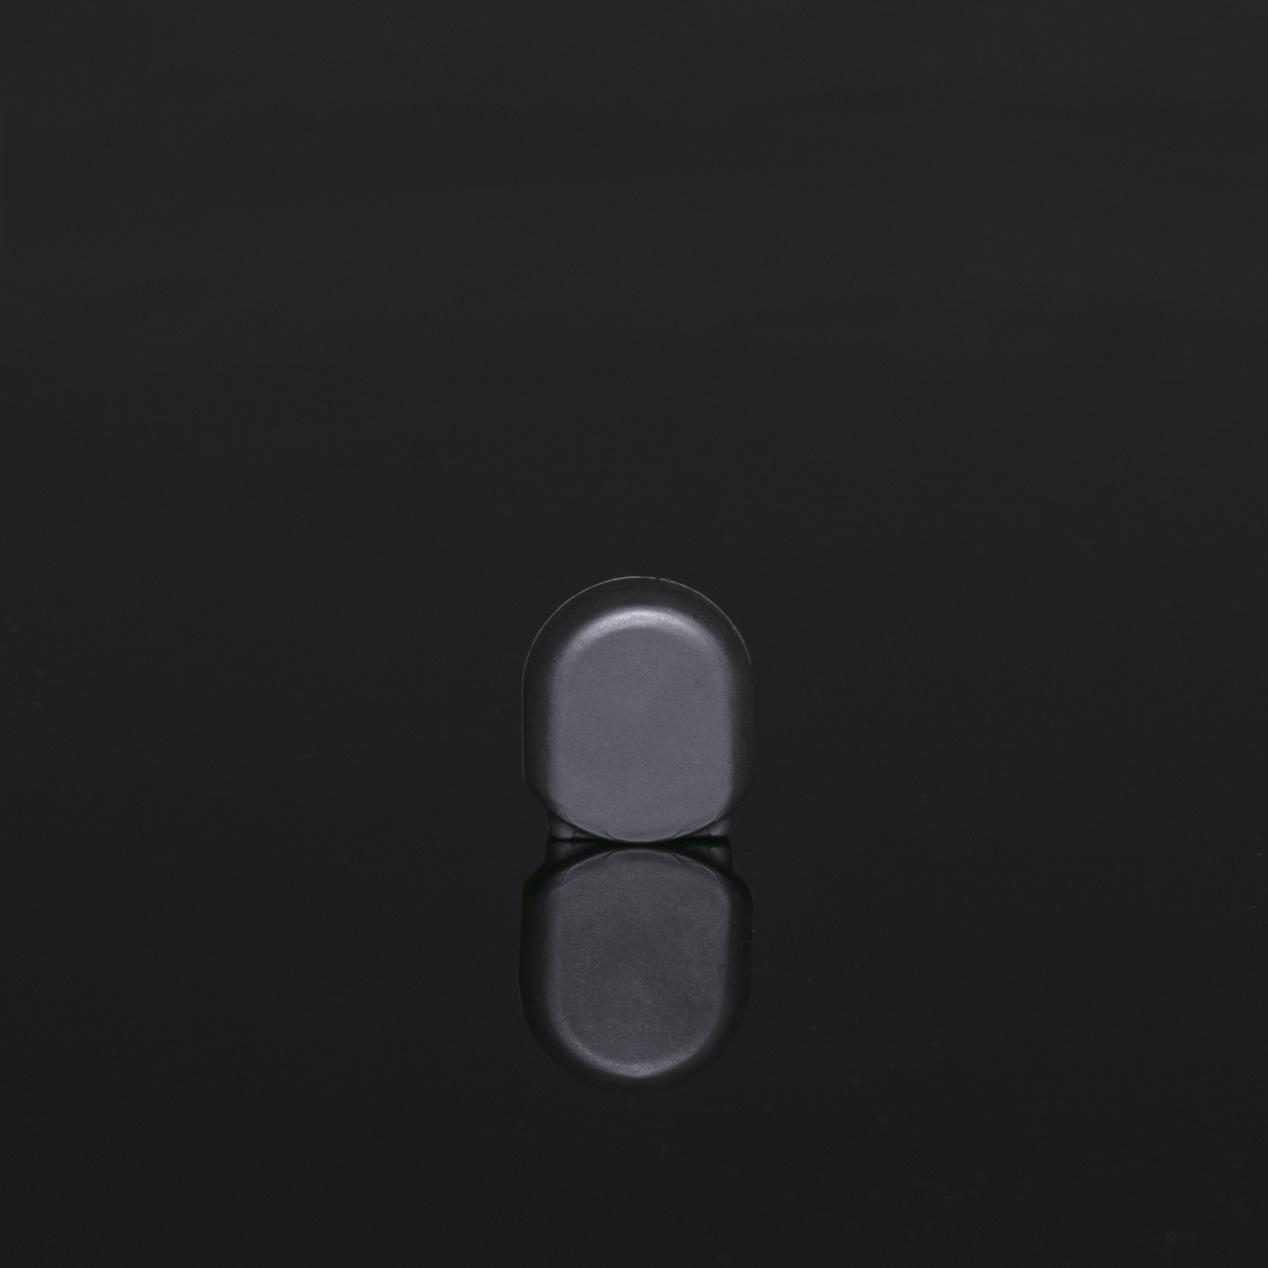 Silverback SRS Monopod Plug